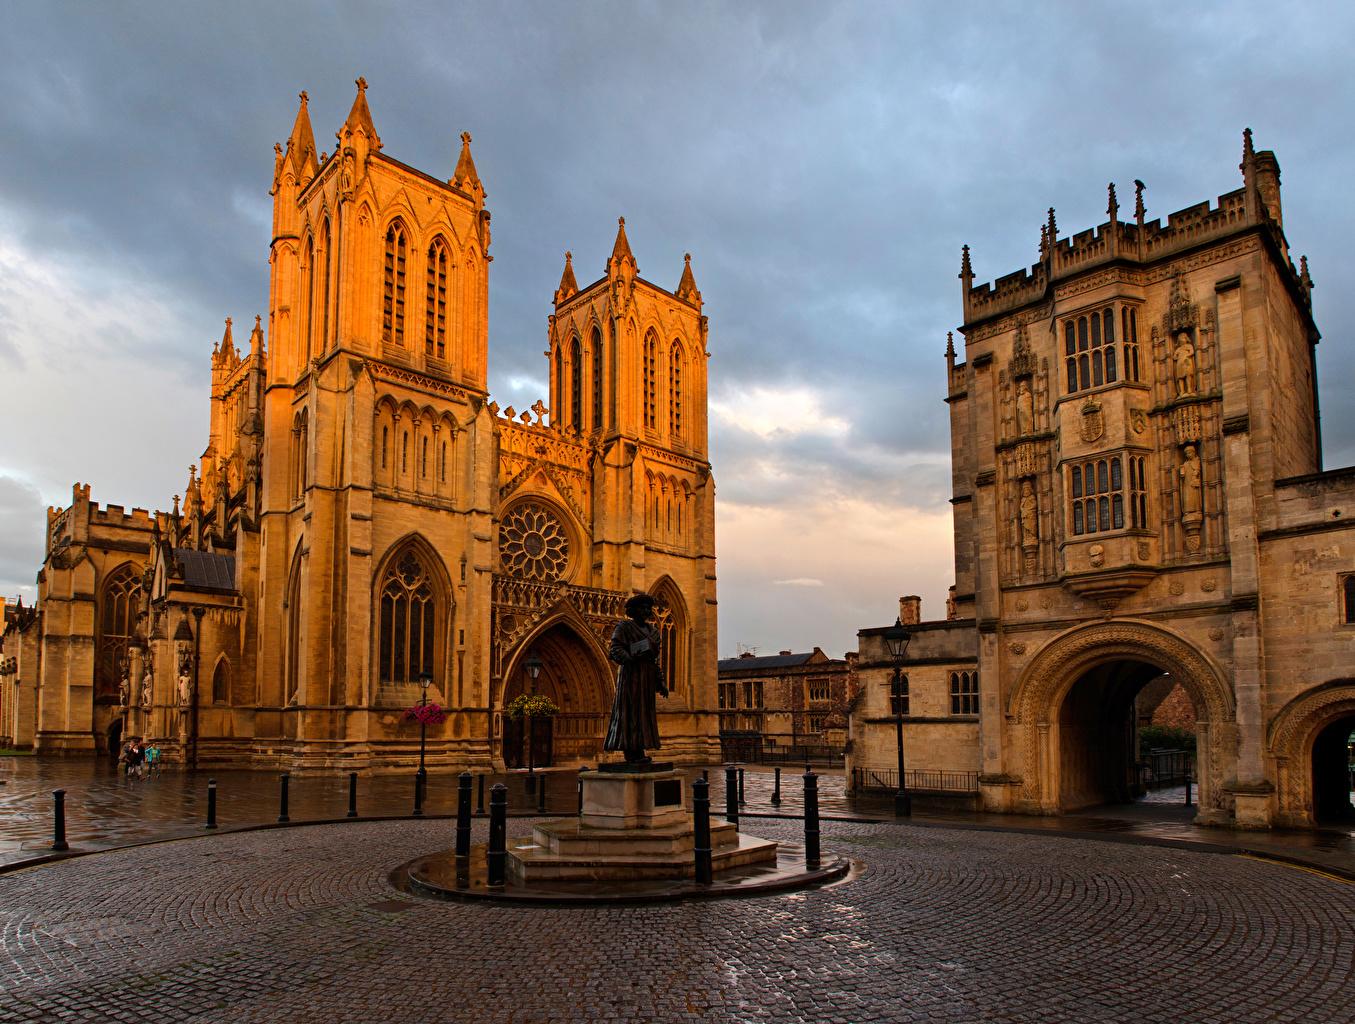 Bilder von Kirche USA Denkmal Platz Bristol Cathedral Tempel Städte Kirchengebäude Vereinigte Staaten